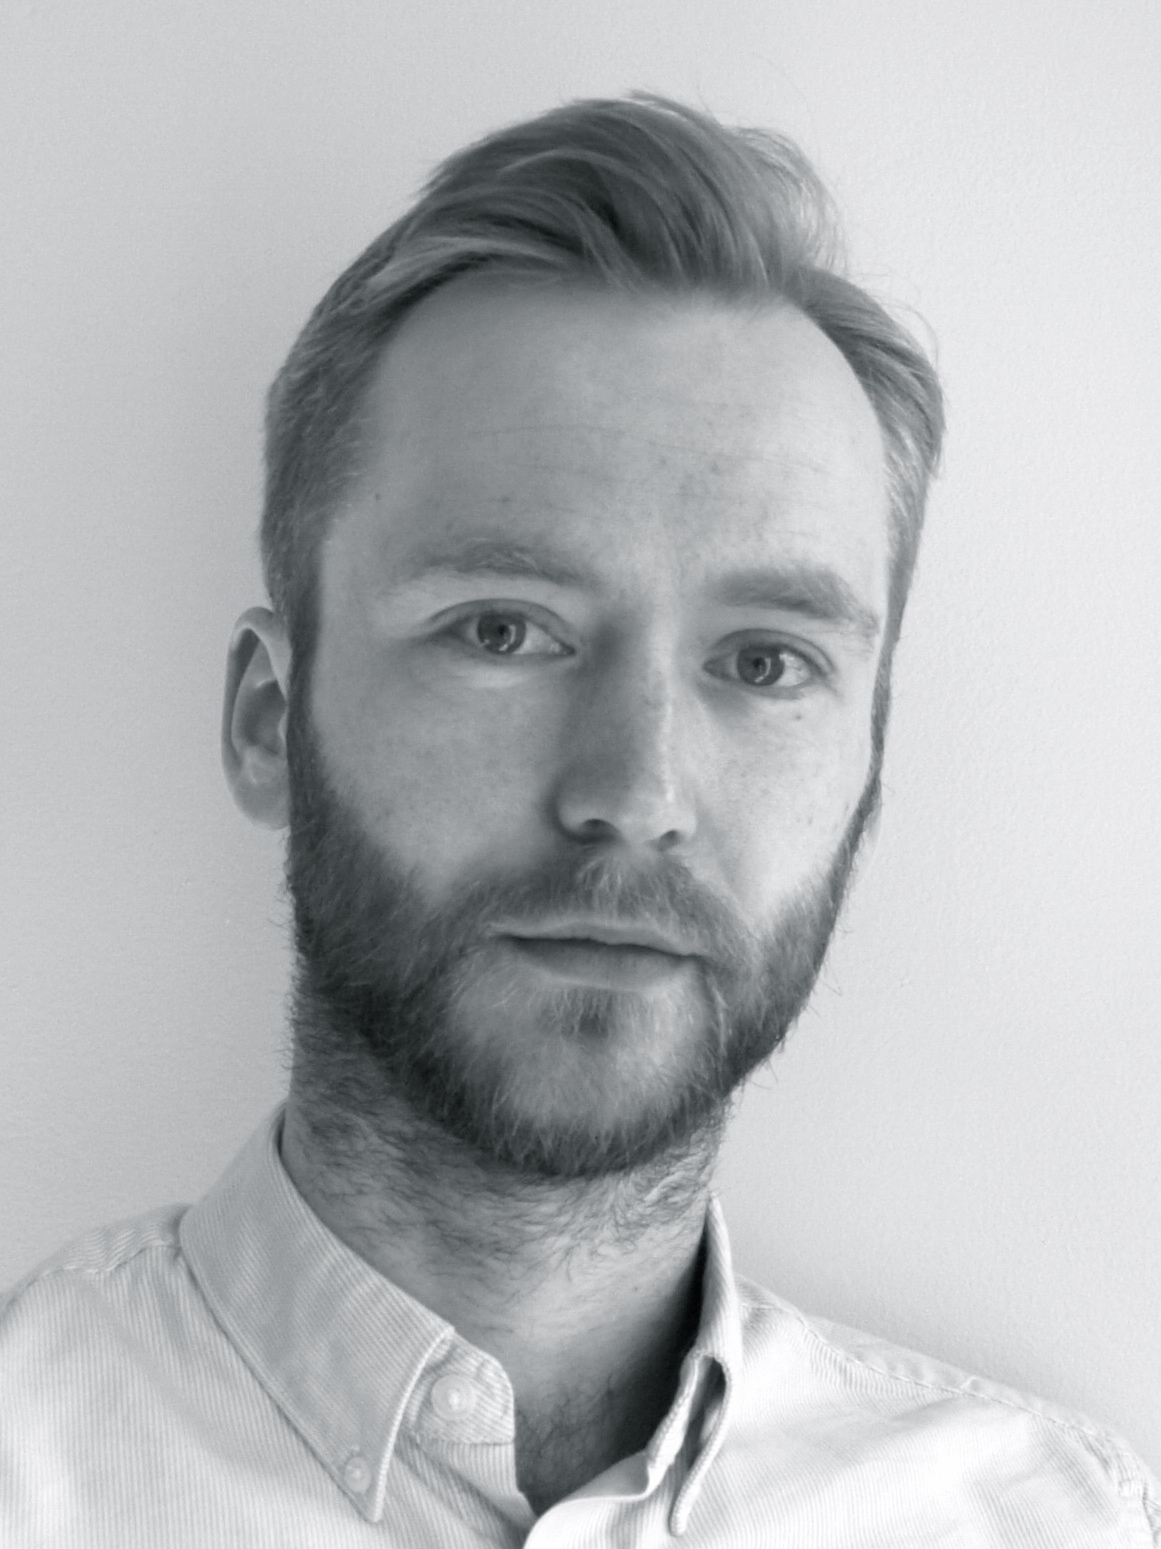 Kristian K. Starheim